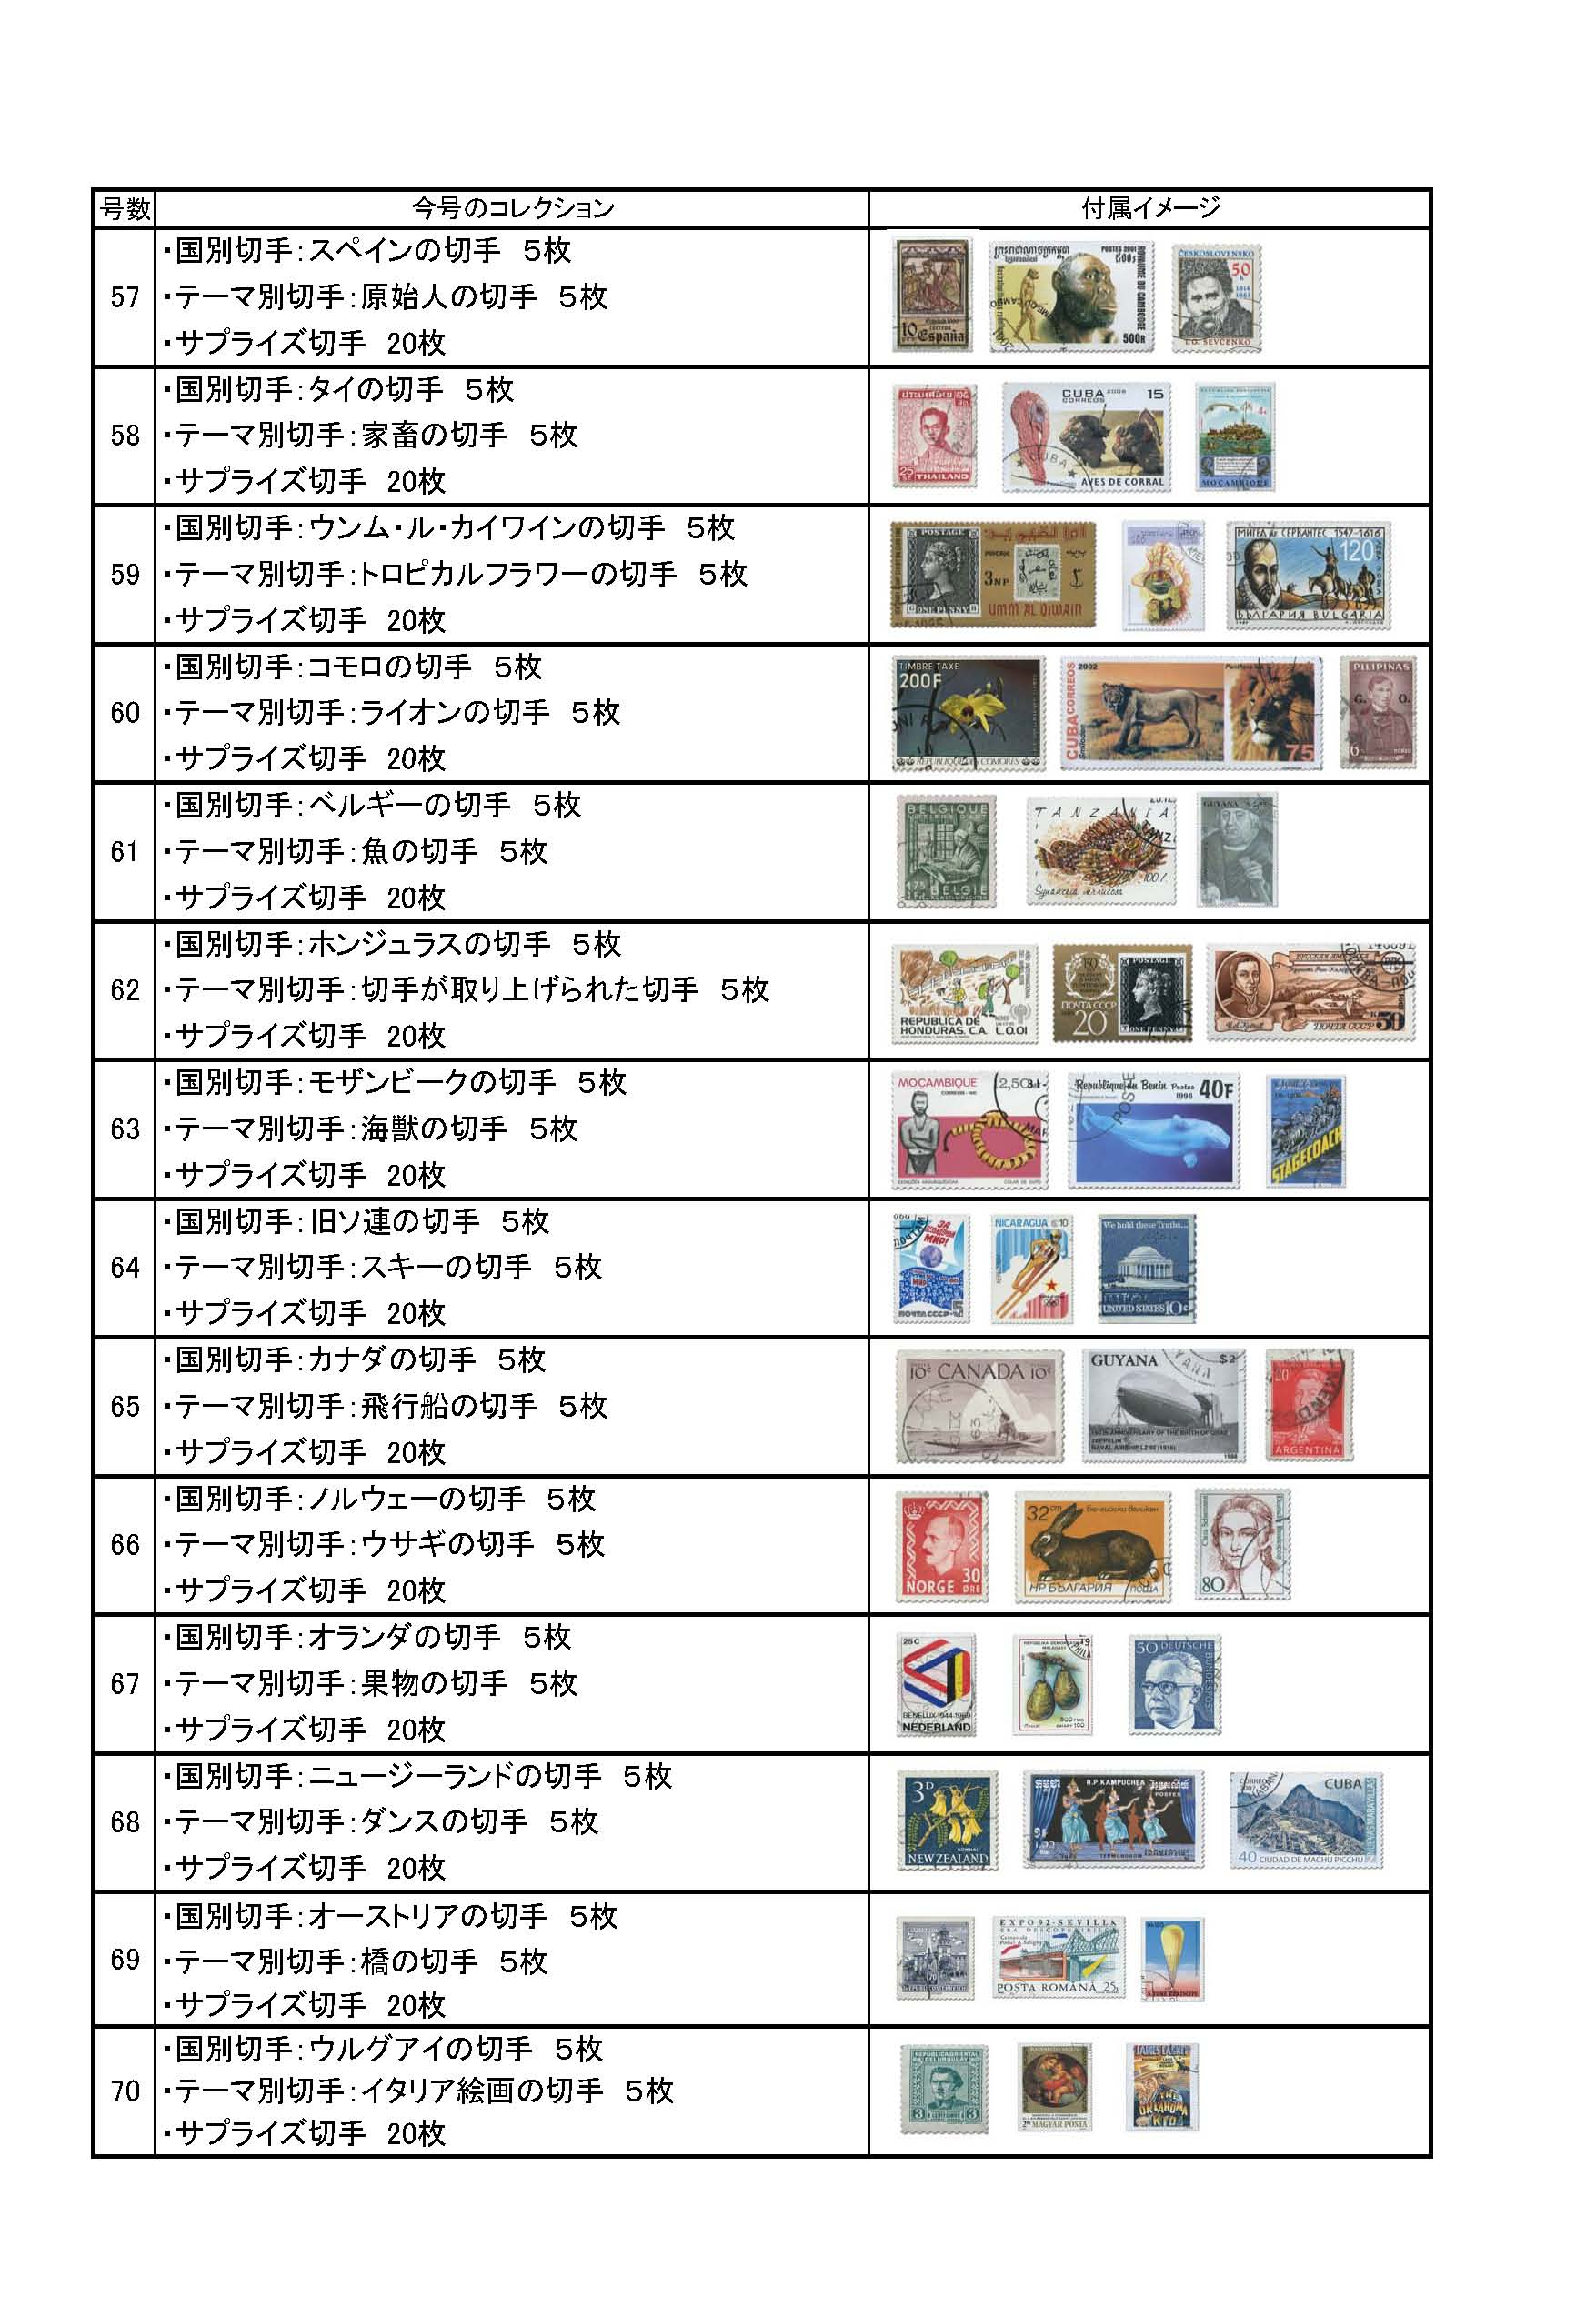 付属切手ラインナップ_20170817 (1)_ページ_05.jpg